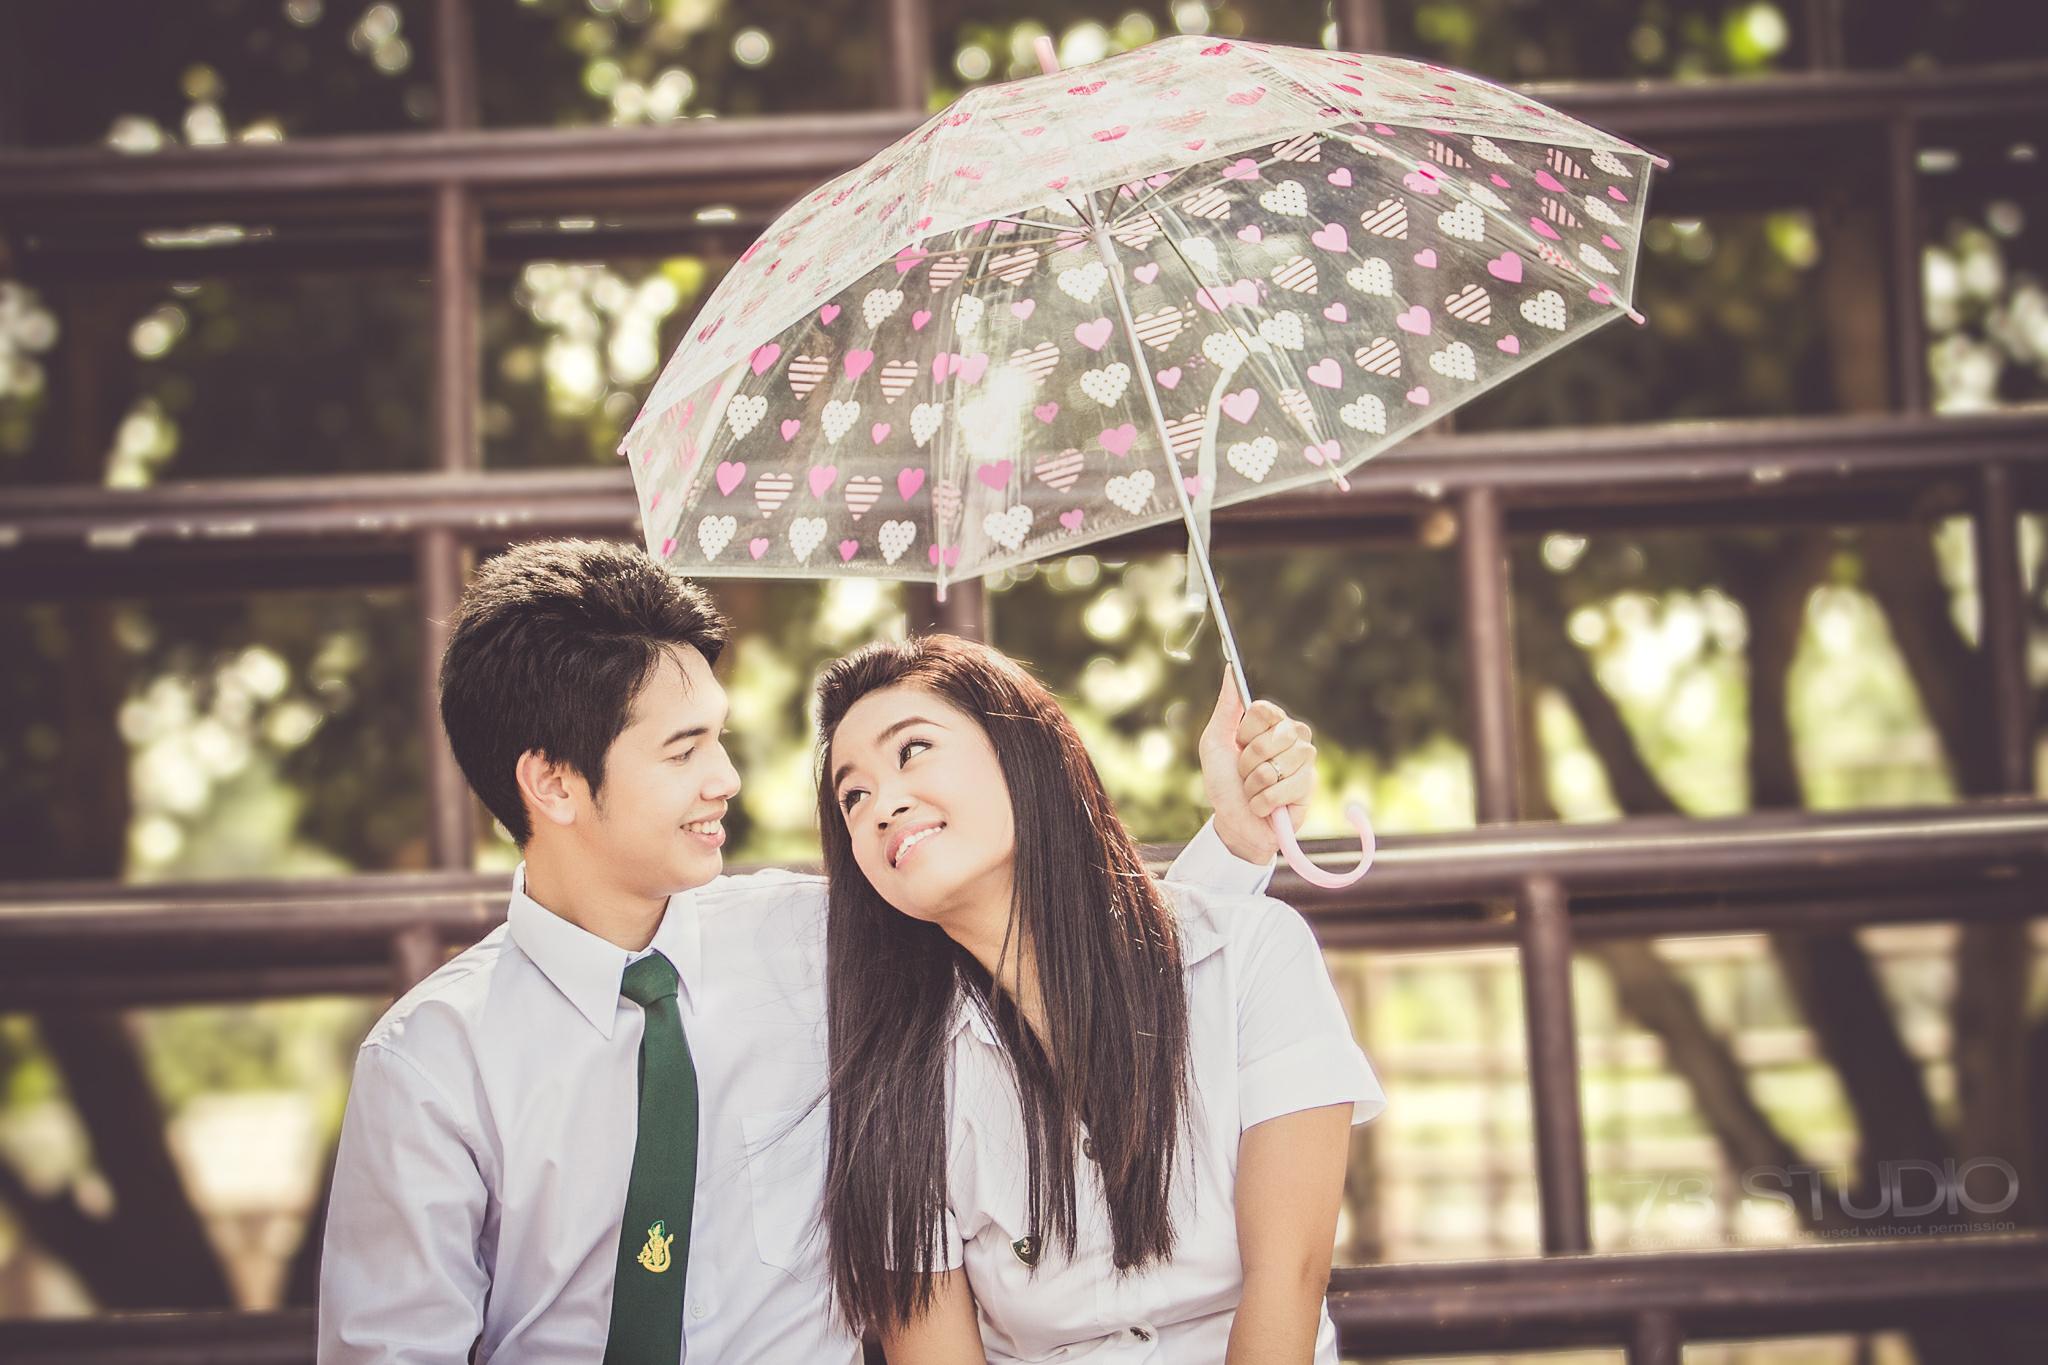 ถ่ายภาพ Pre Wedding ติดต่อ TEl. 087 0677012 082 2557771 www.73studio.com